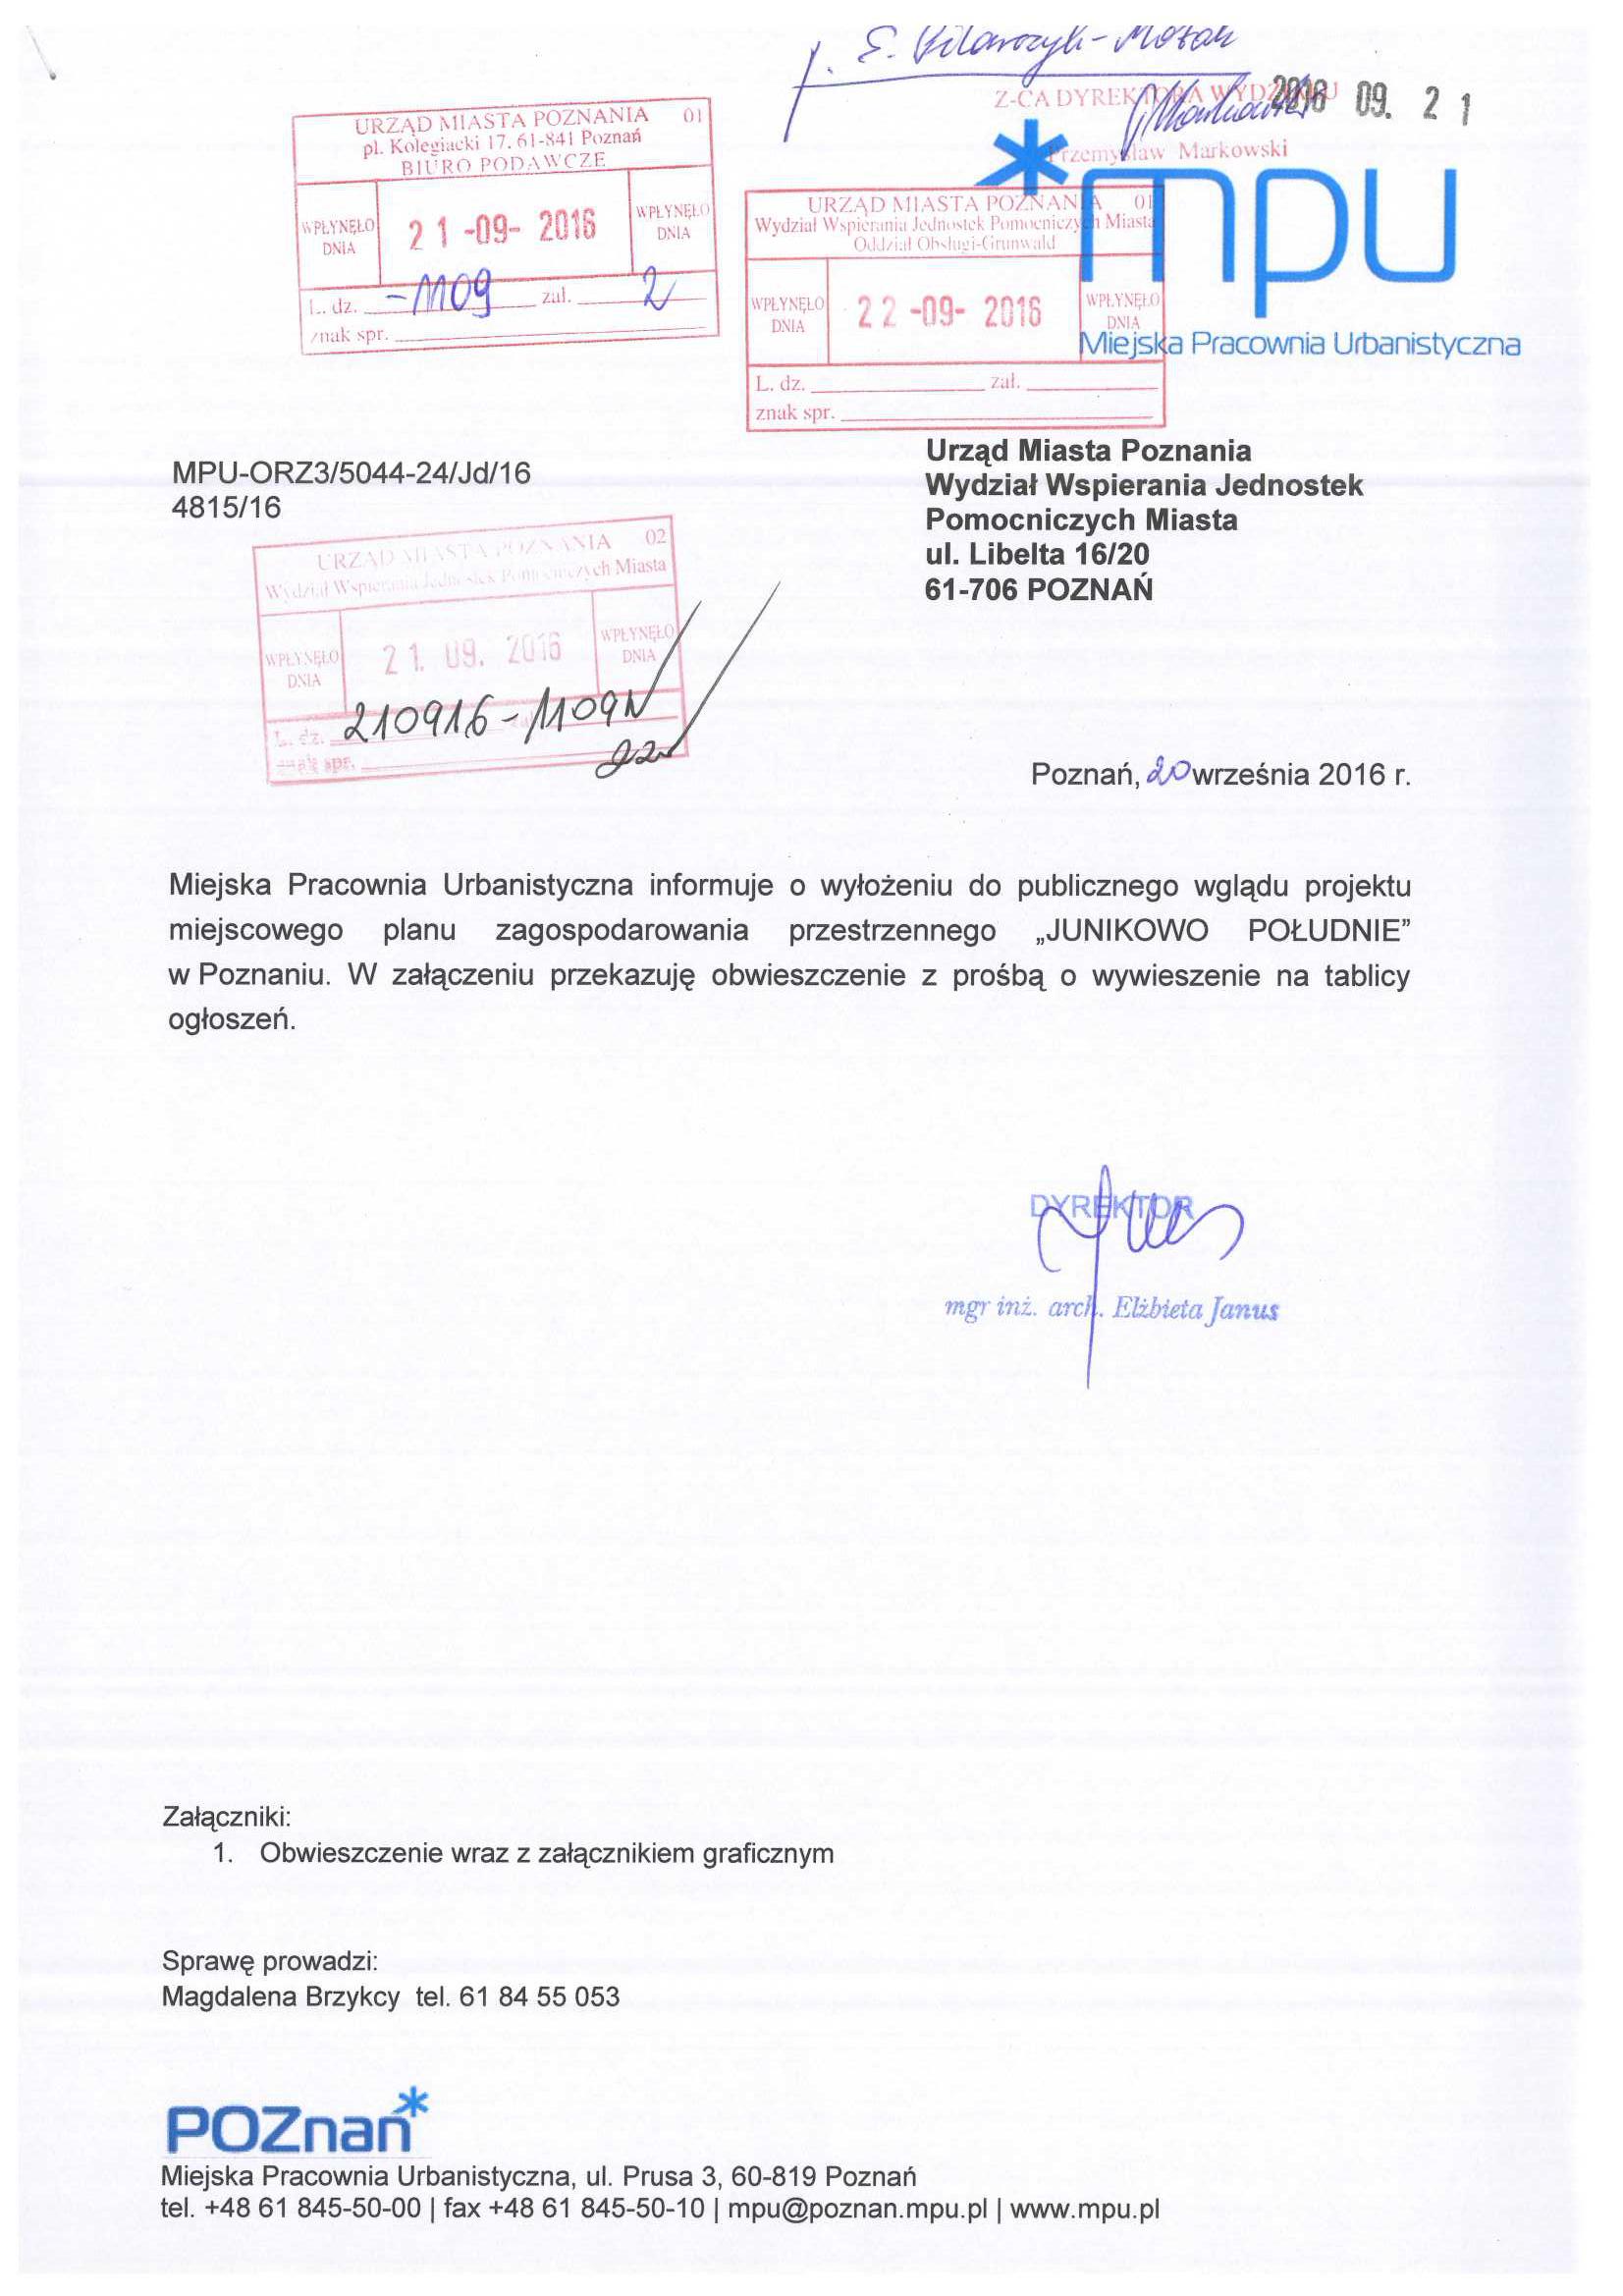 junikowo_poludnie-1